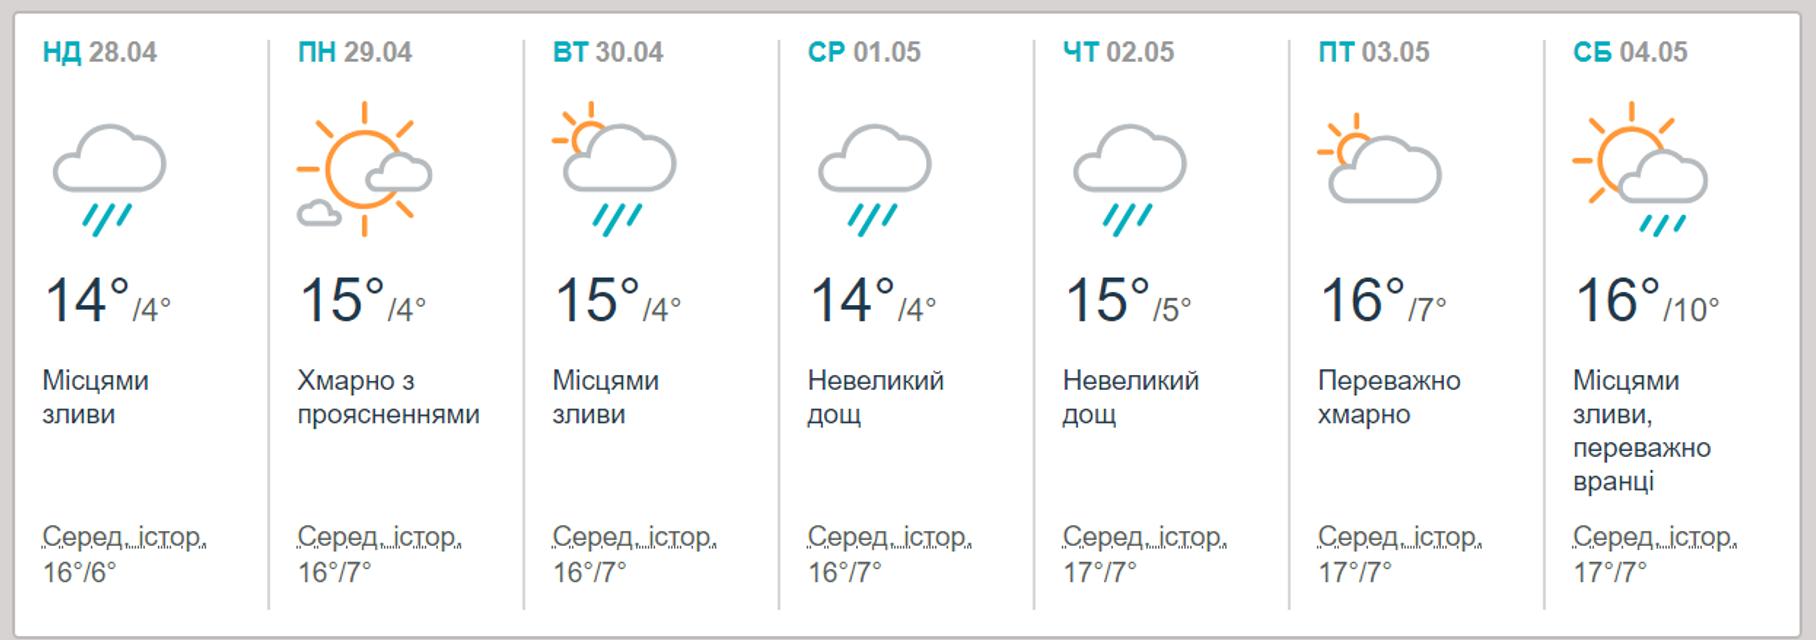 Дожди и грозы: Прогноз погоды на апрель 2019 - фото 176818